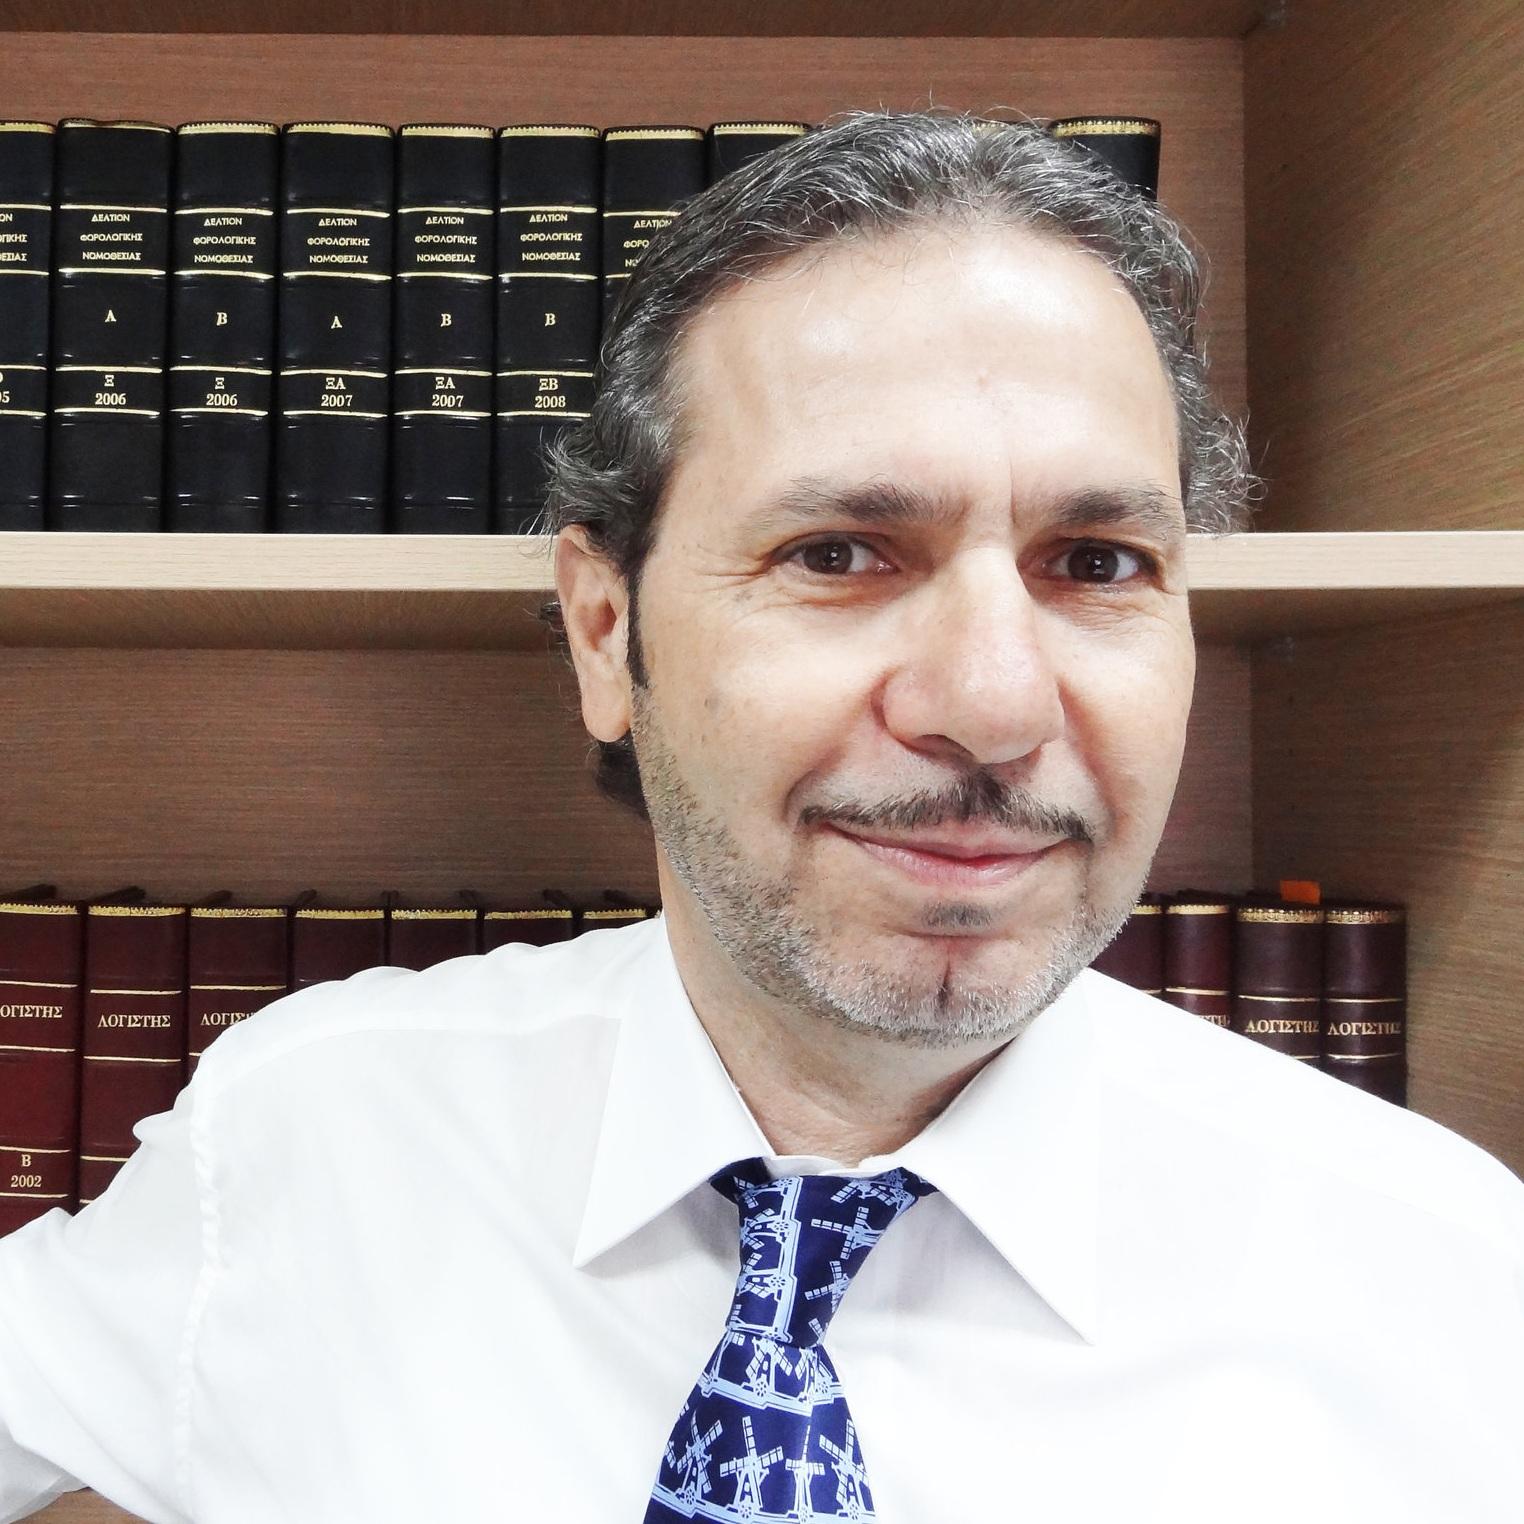 Αθανάσιος Τσάκλης  Partner - Ορκωτός Ελεγκτής Λογιστής  atsaklis@metronauditing.gr